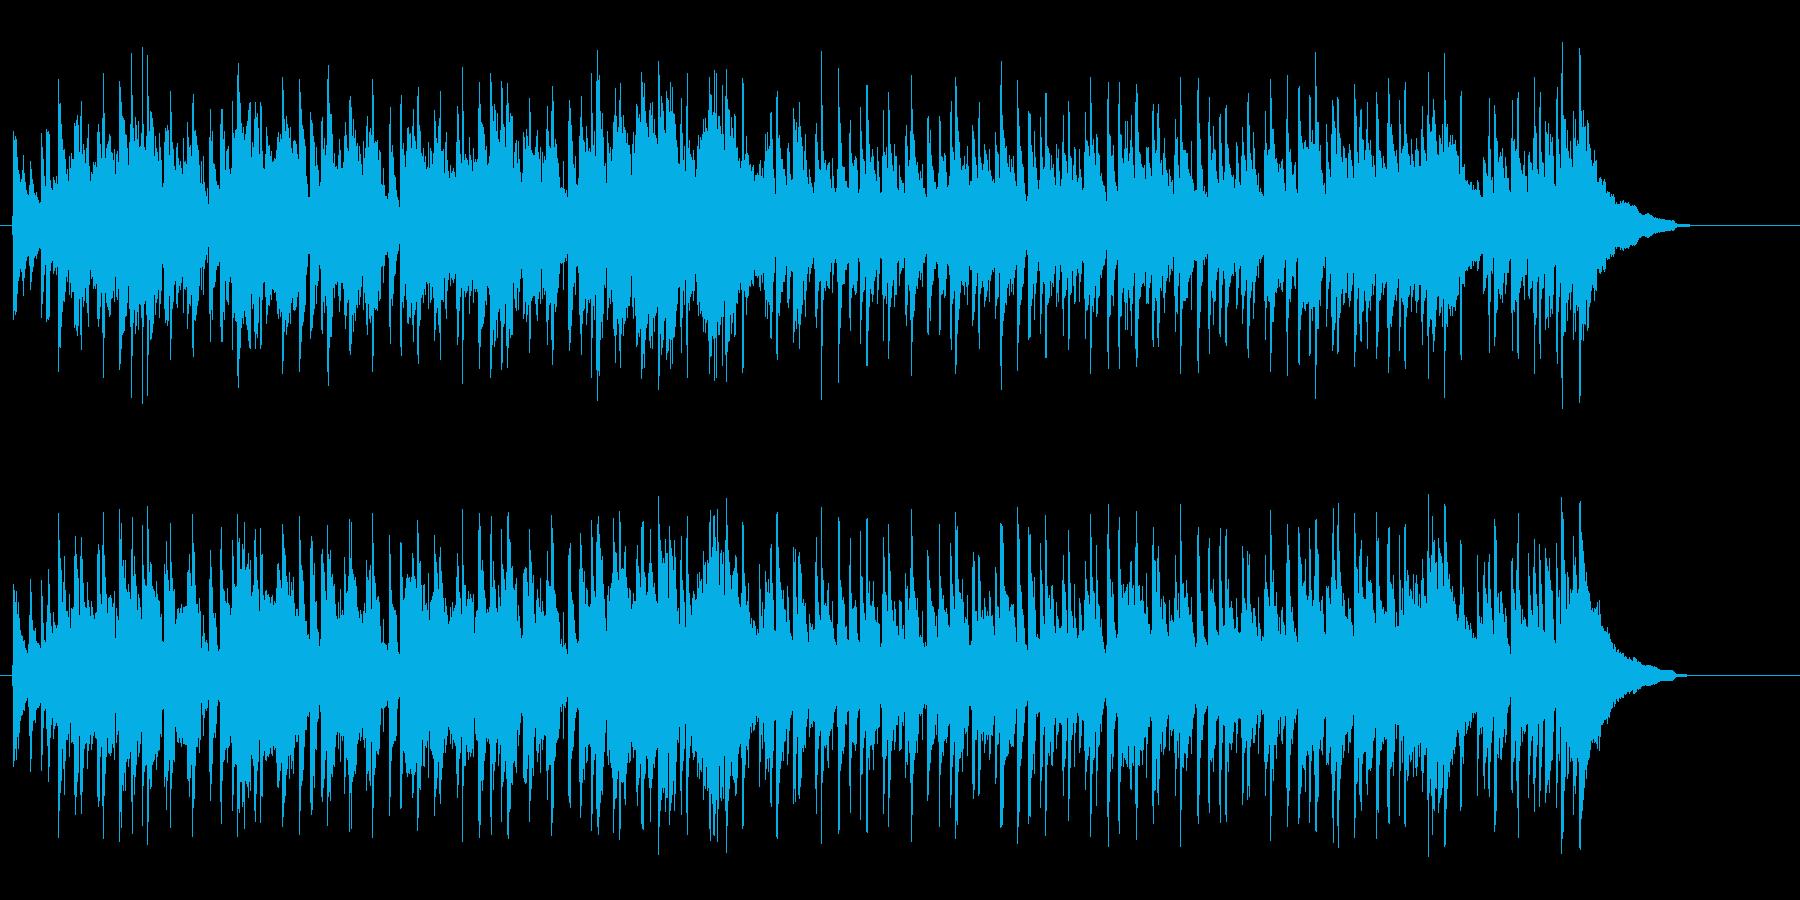 キュートで都会的なボサノバ風ポップスの再生済みの波形